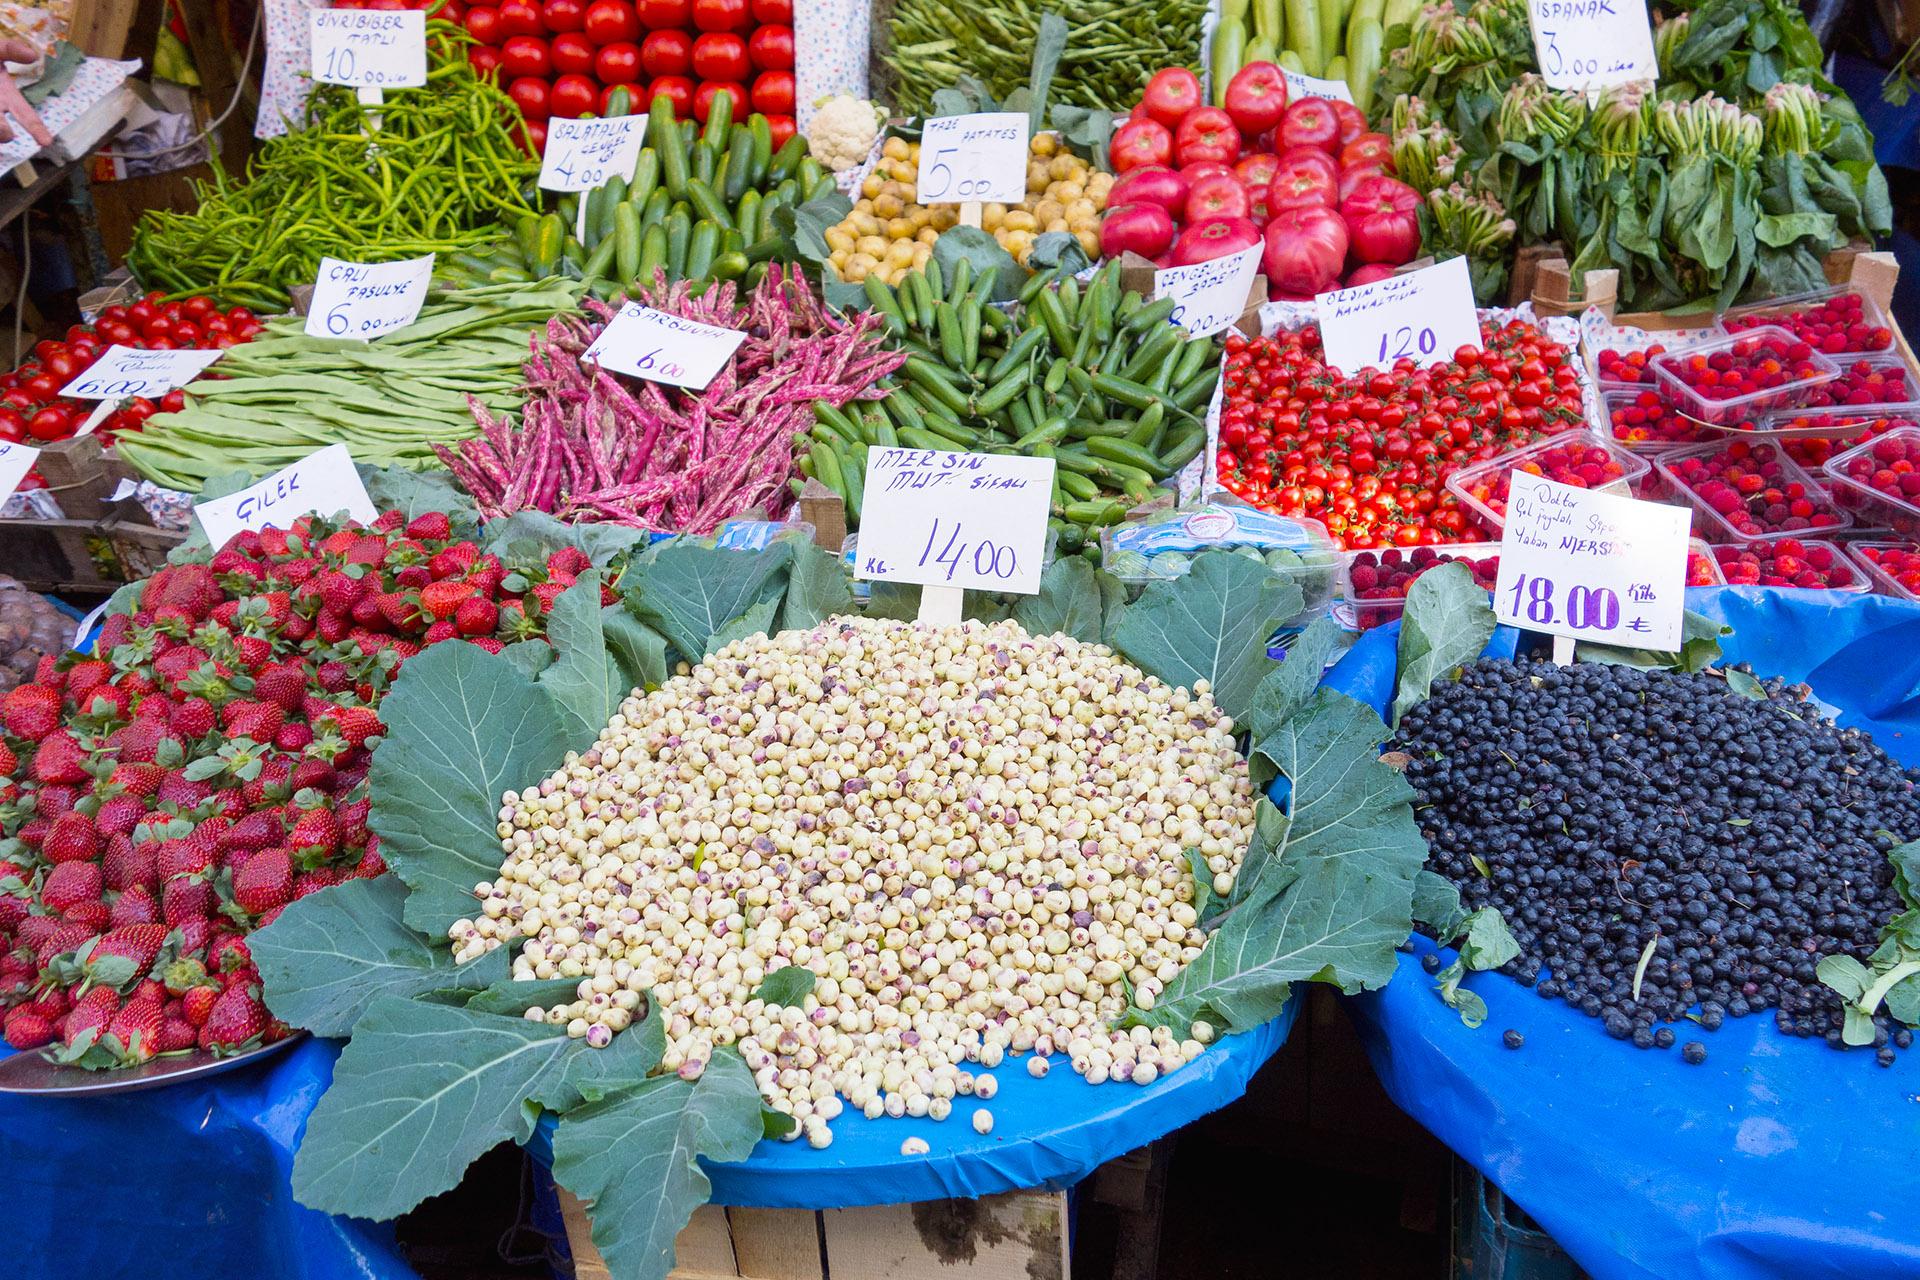 Vegetable vendor, Kadikoy Market.